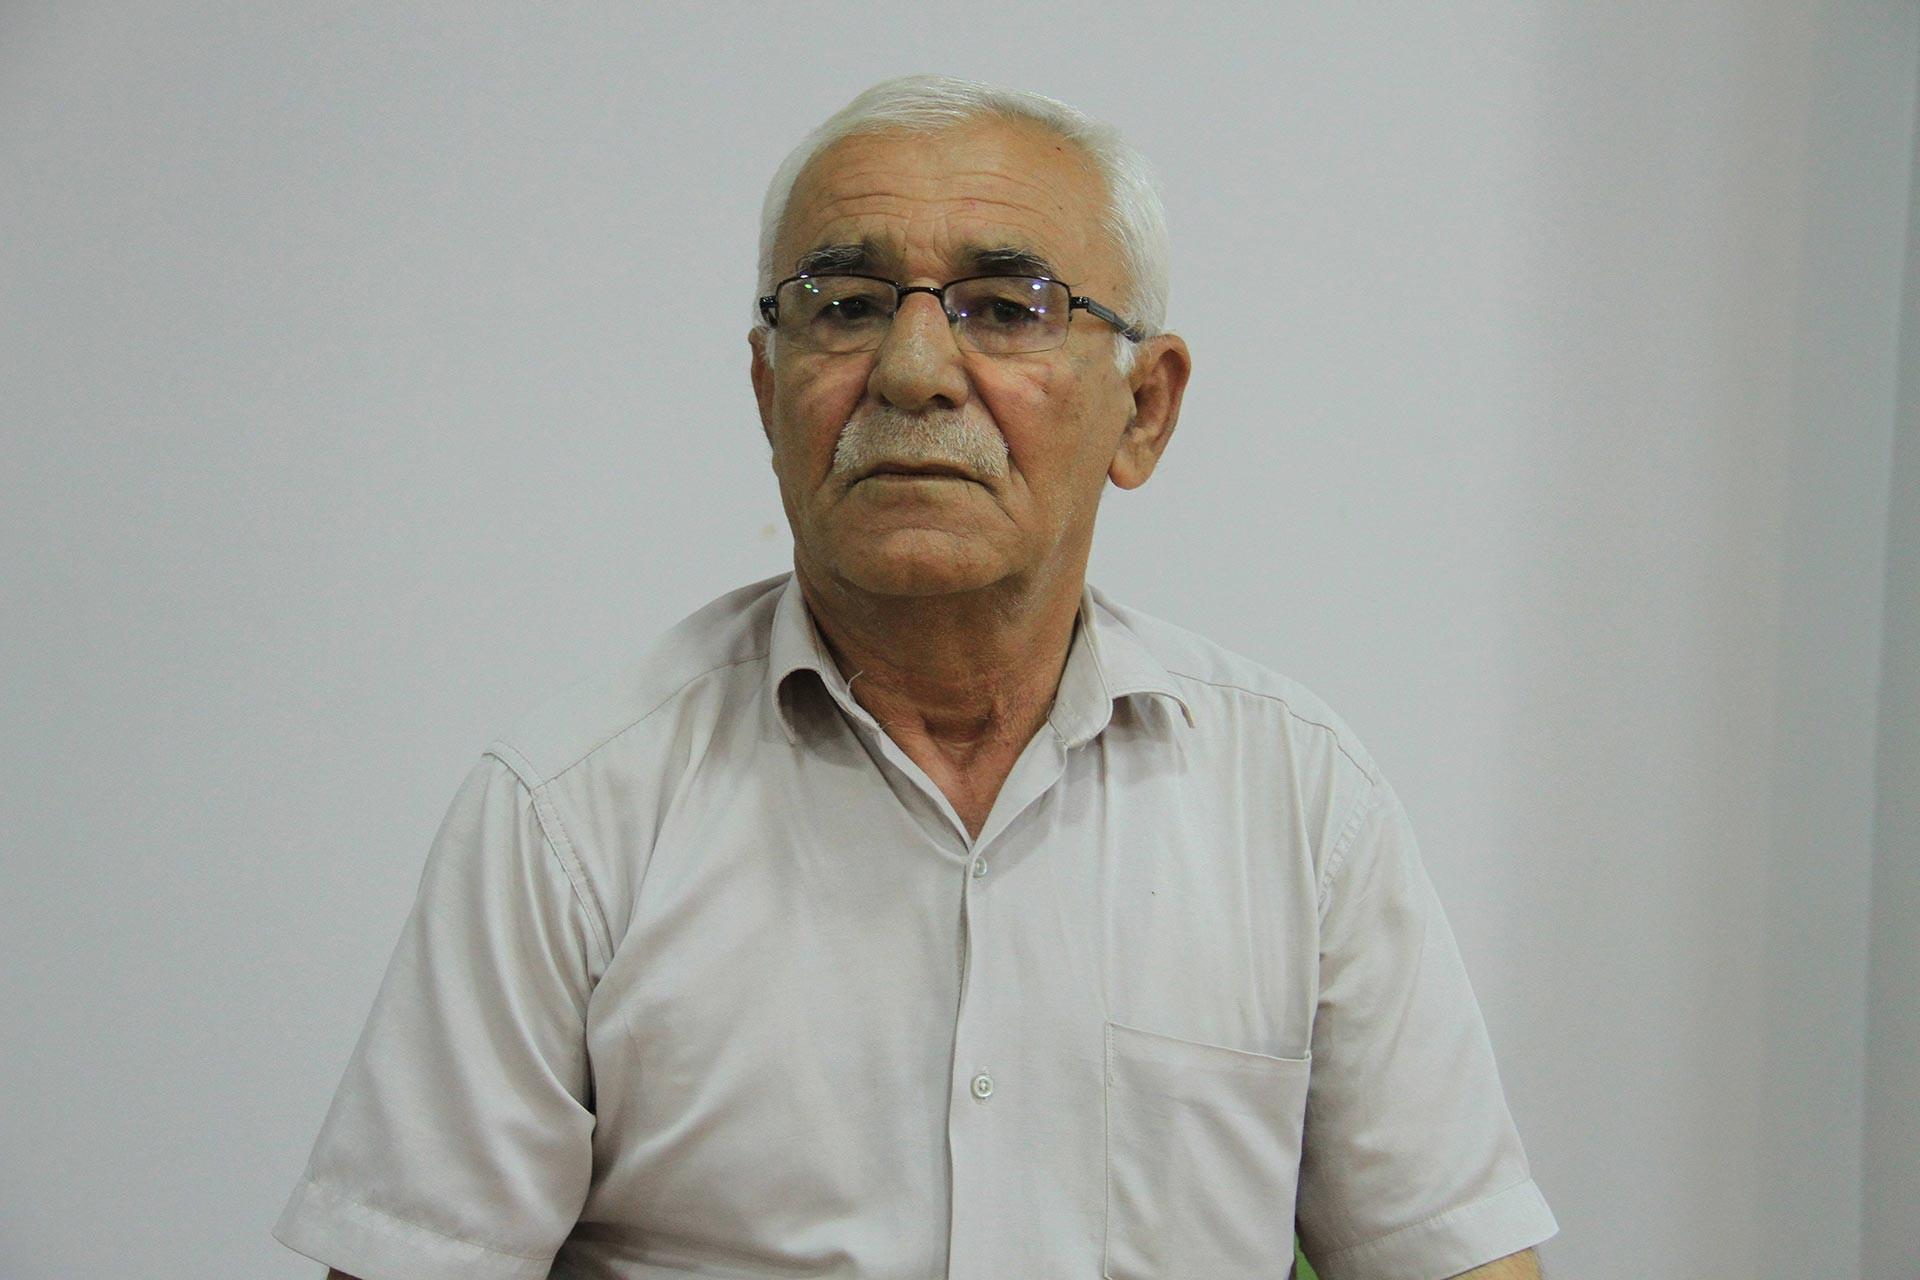 Hapis cezası verilen Şerif Mesutoğlu'nun babası: Gerçek failler yargılansın